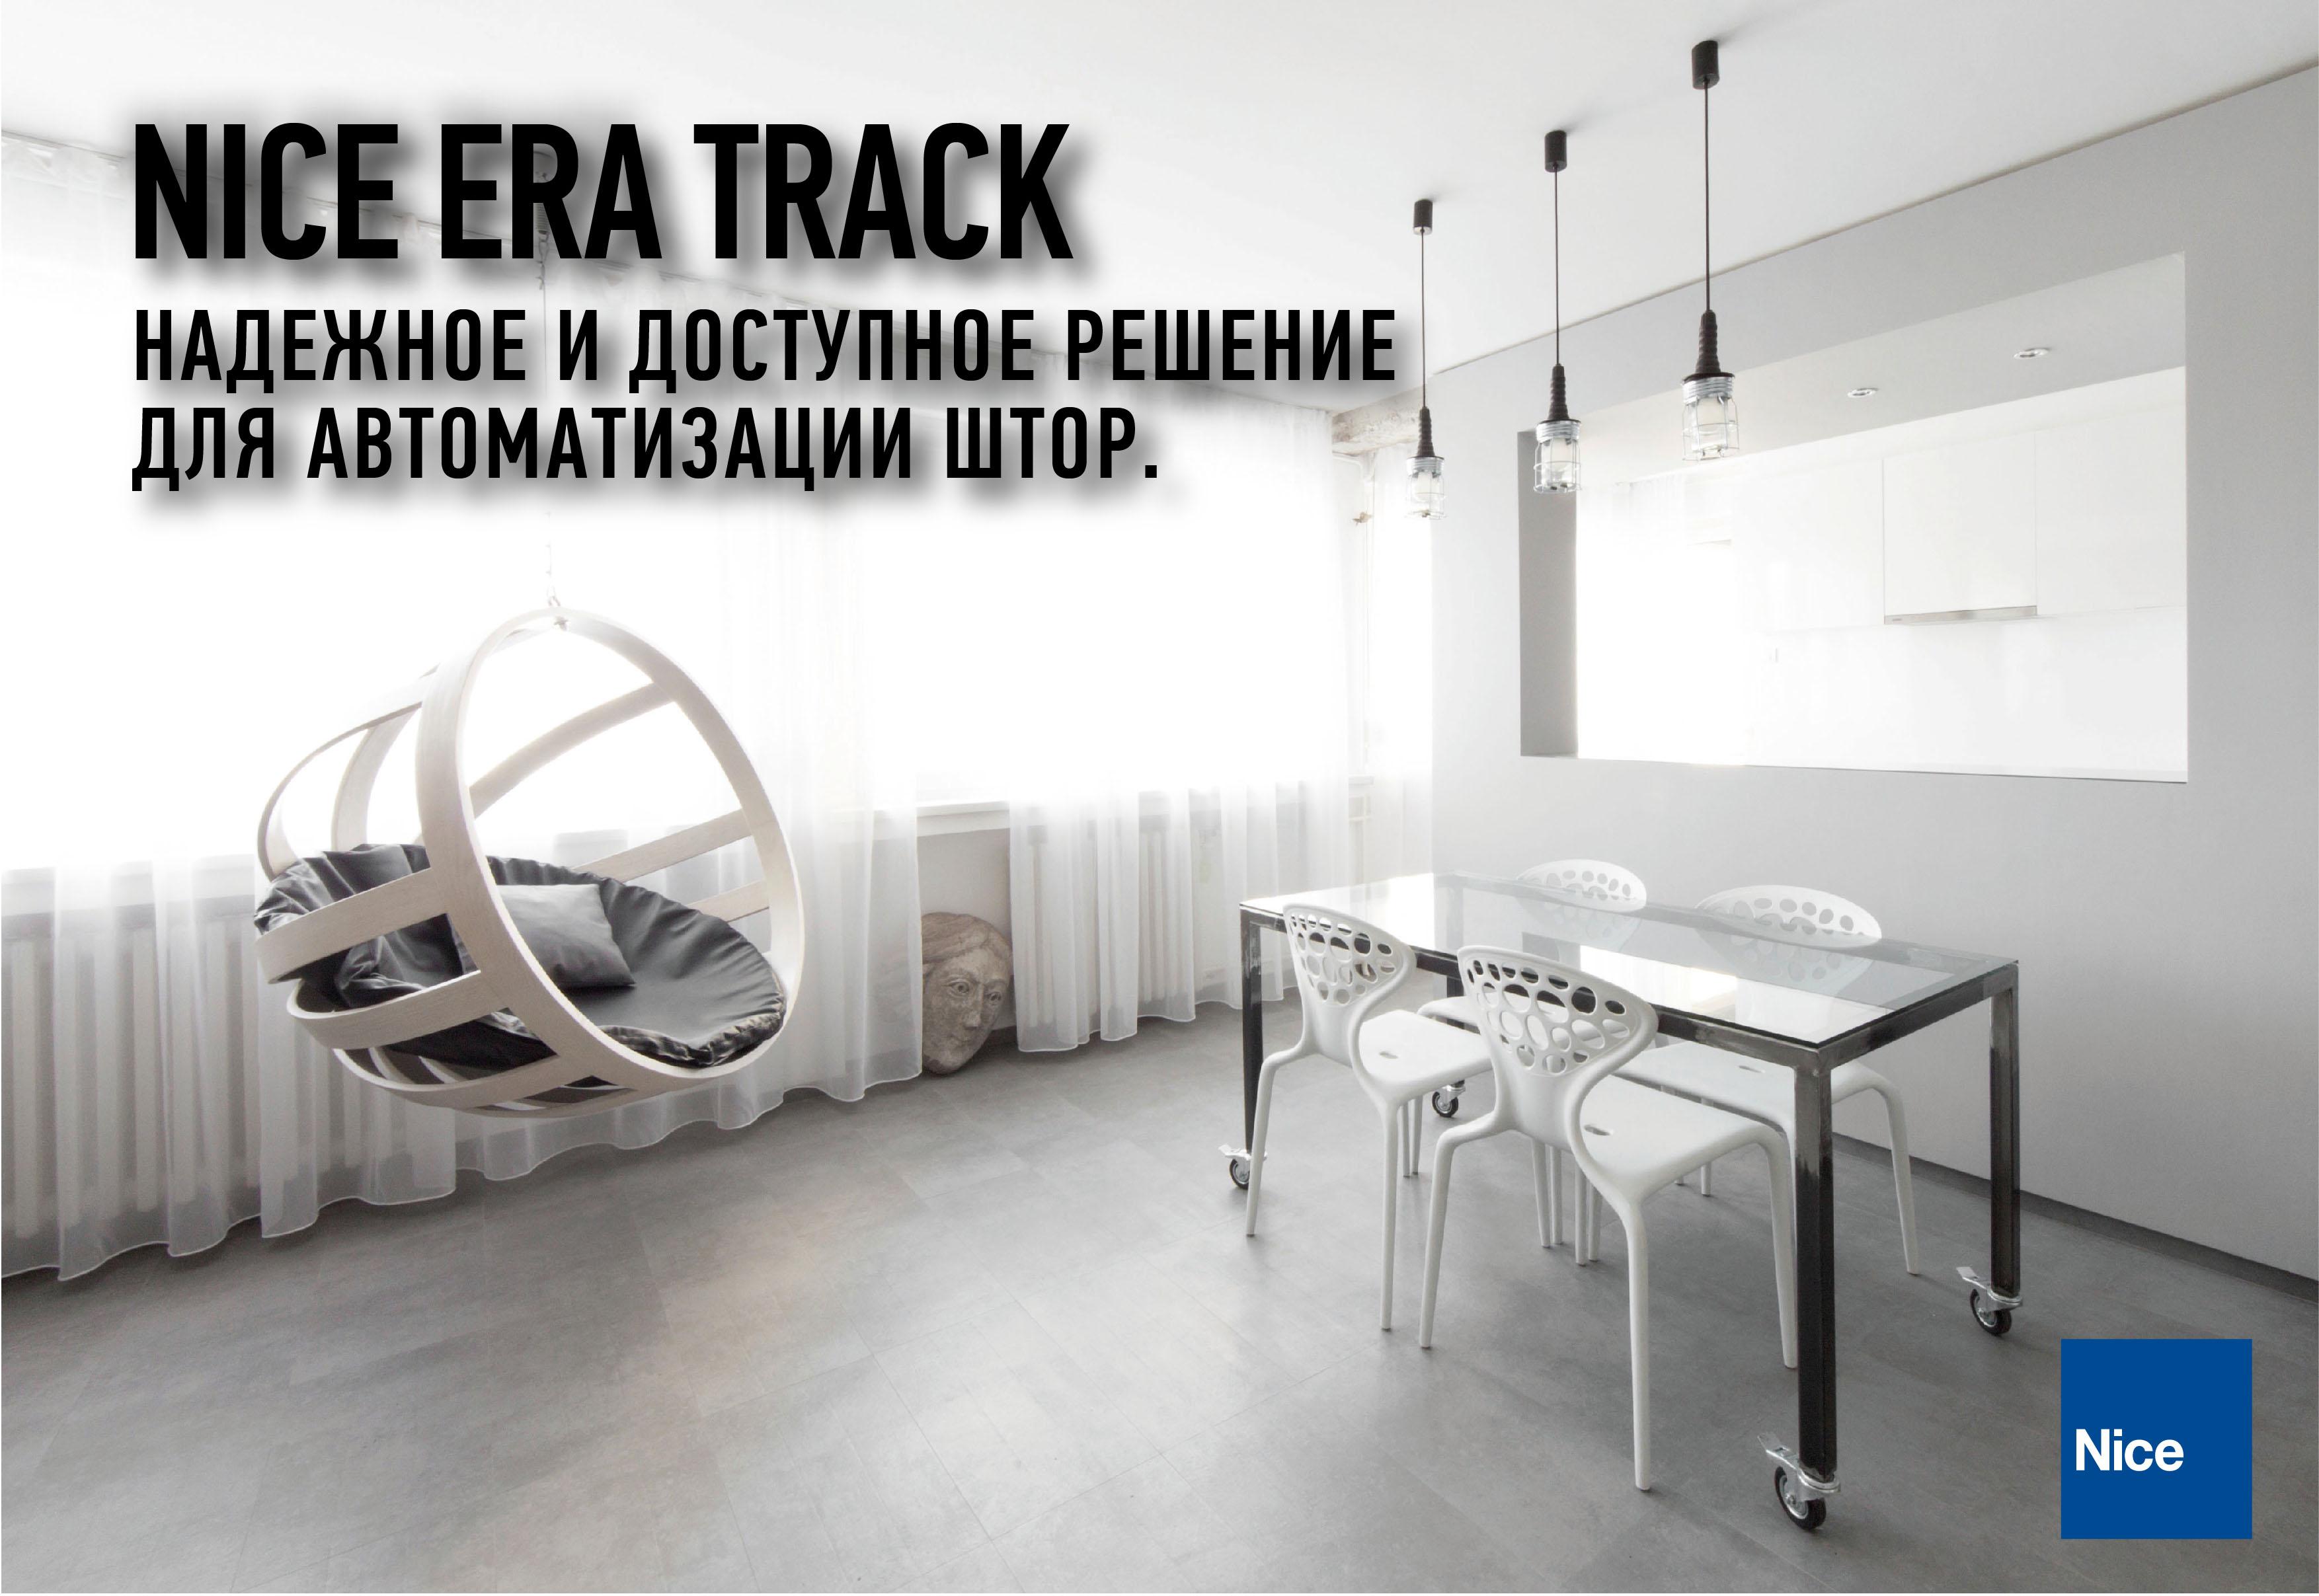 Брошюра  Nice «Автоматизация штор и карнизов ERA TRACK EDGE 185» + ОБНОВЛЕННЫЙ ПРАЙС-ЛИСТ по Солнцезащите (Nice Screen) доступны для скачивания!